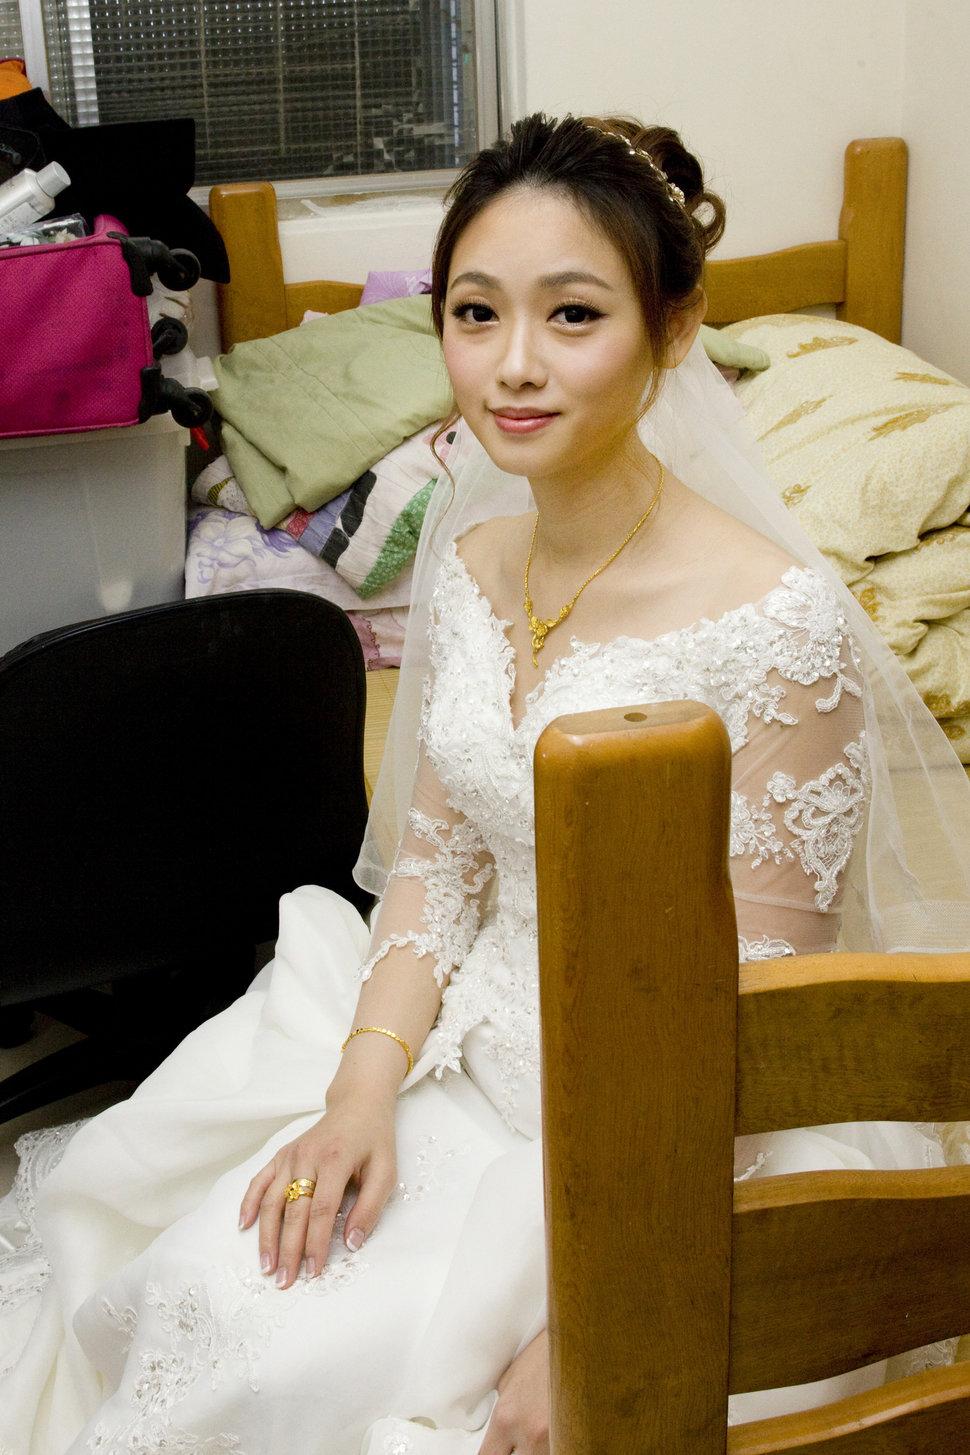 蓓麗宛婚禮時尚(編號:541463) - 蓓麗宛婚禮時尚 - 結婚吧